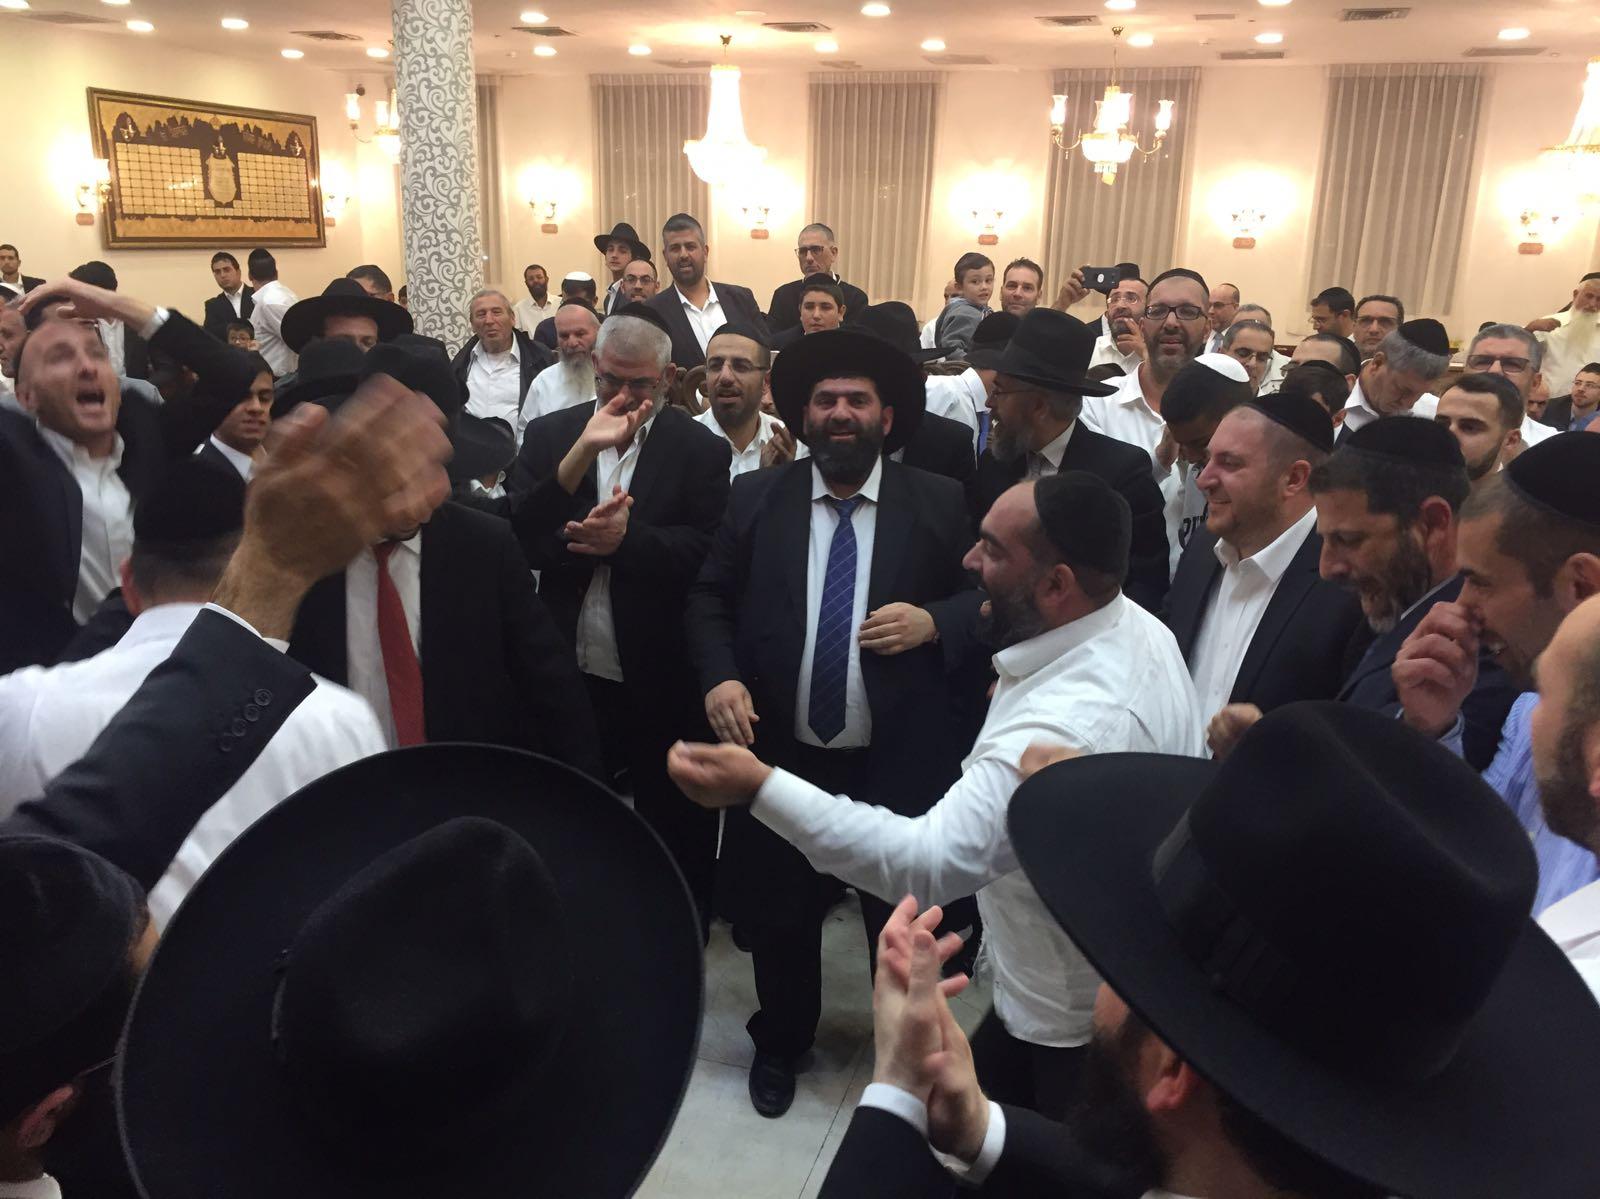 מאות השתתפו בשמחת בית השואבה המרכזית בישיבת 'אמרי שפר'